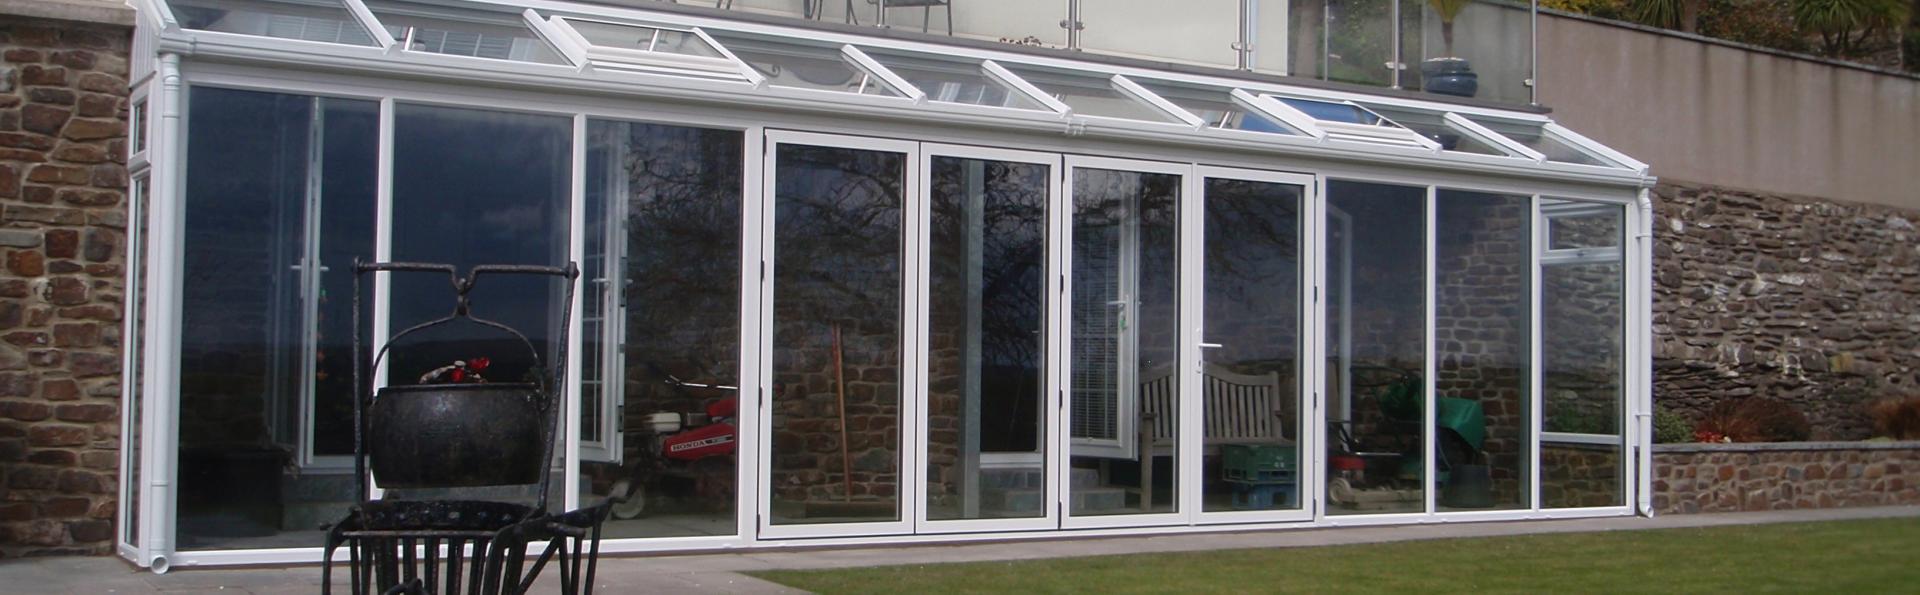 lean to conservatory installed in North devon